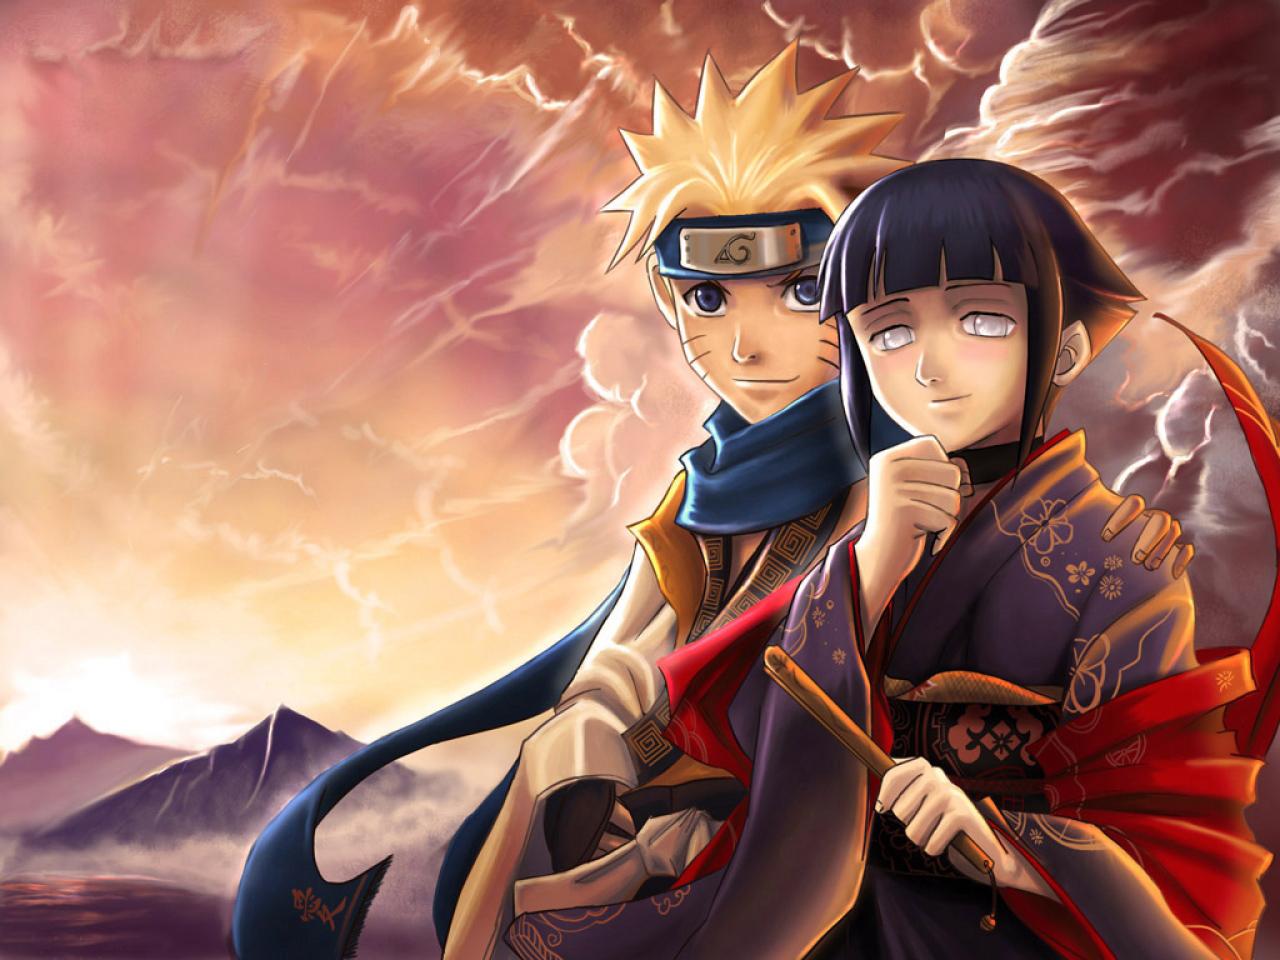 Wallpaper: Naruto, Itachi, Akatsuki, Hinata, Deidara